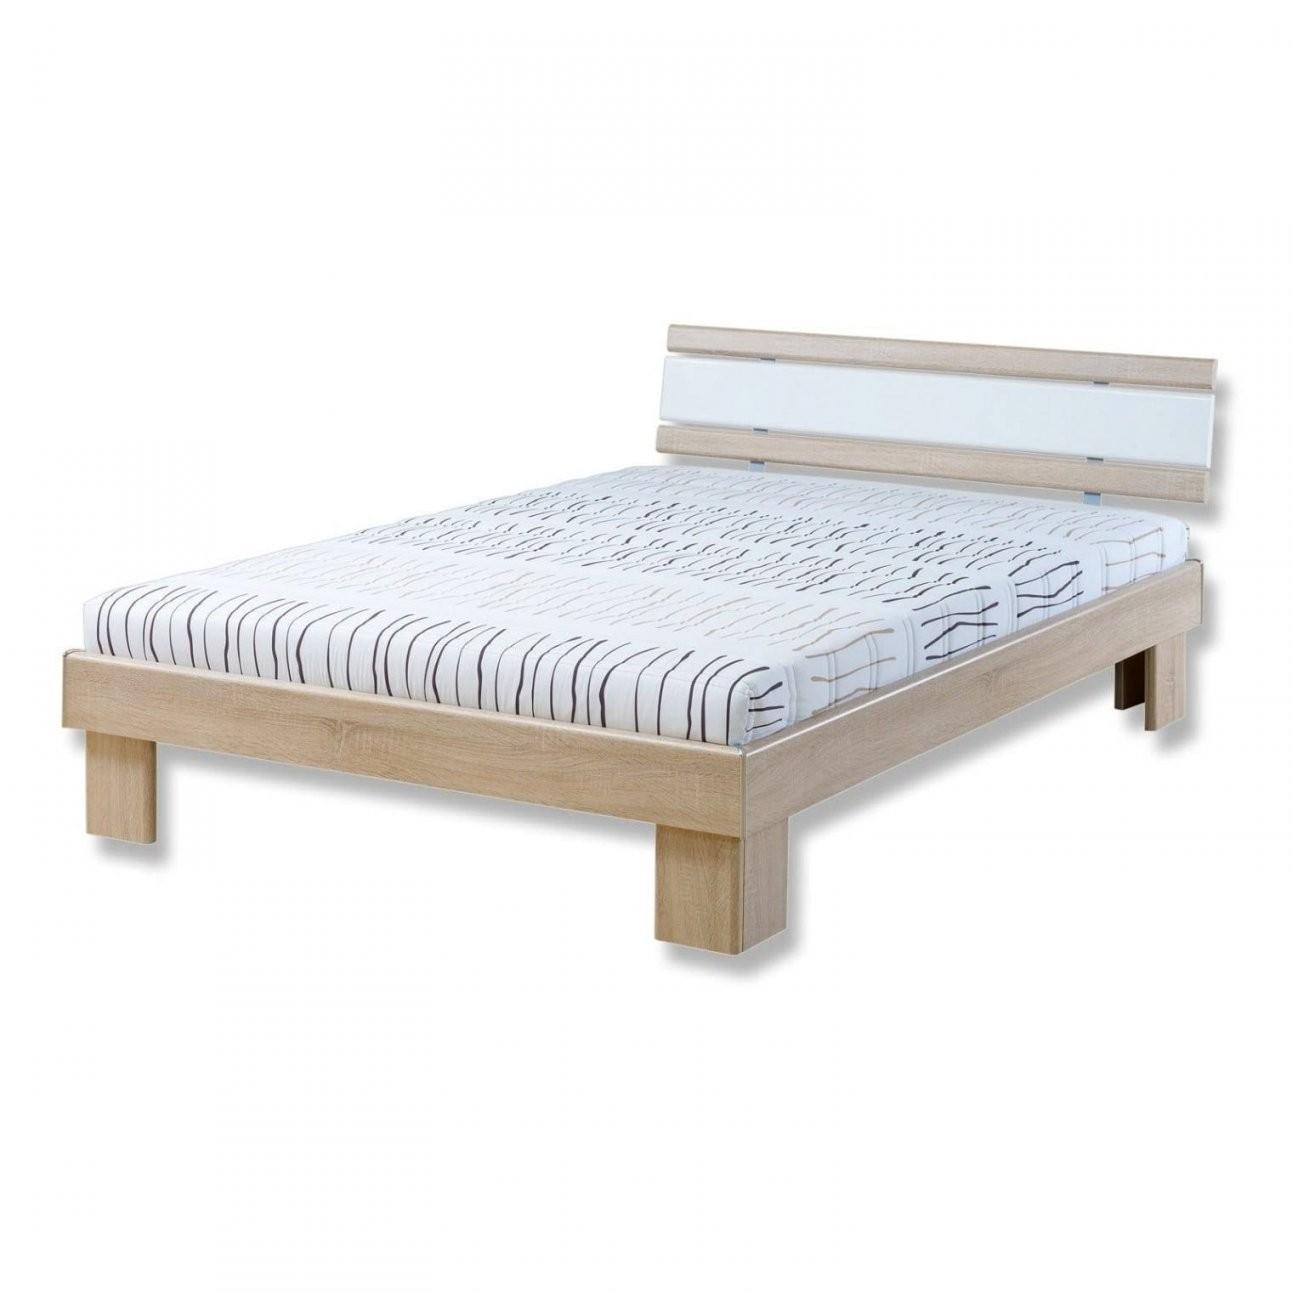 Doppelbett Weiß 140×200 Inspirierend Betten Bei Poco Elegant Groß von Bett 140X200 Poco Bild